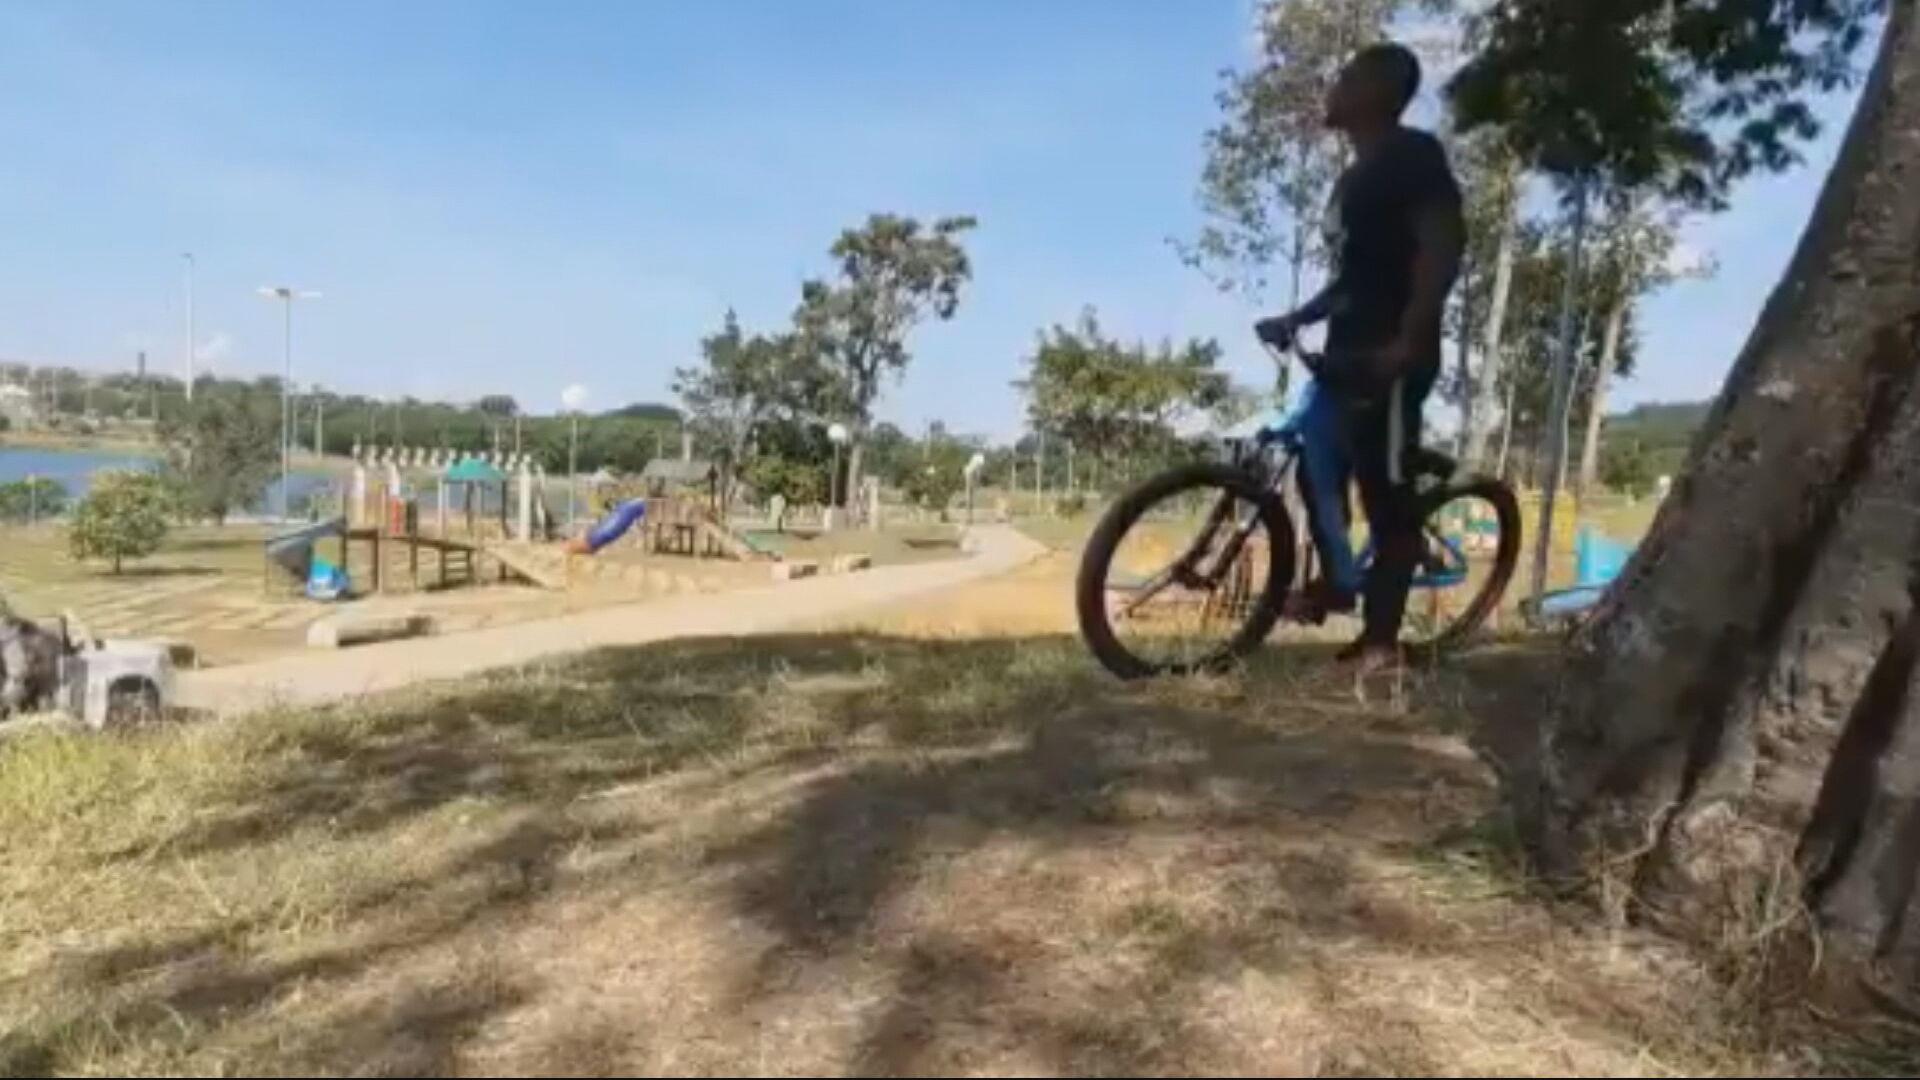 Ciclista que foi abordado pela polícia (29-05-2021)